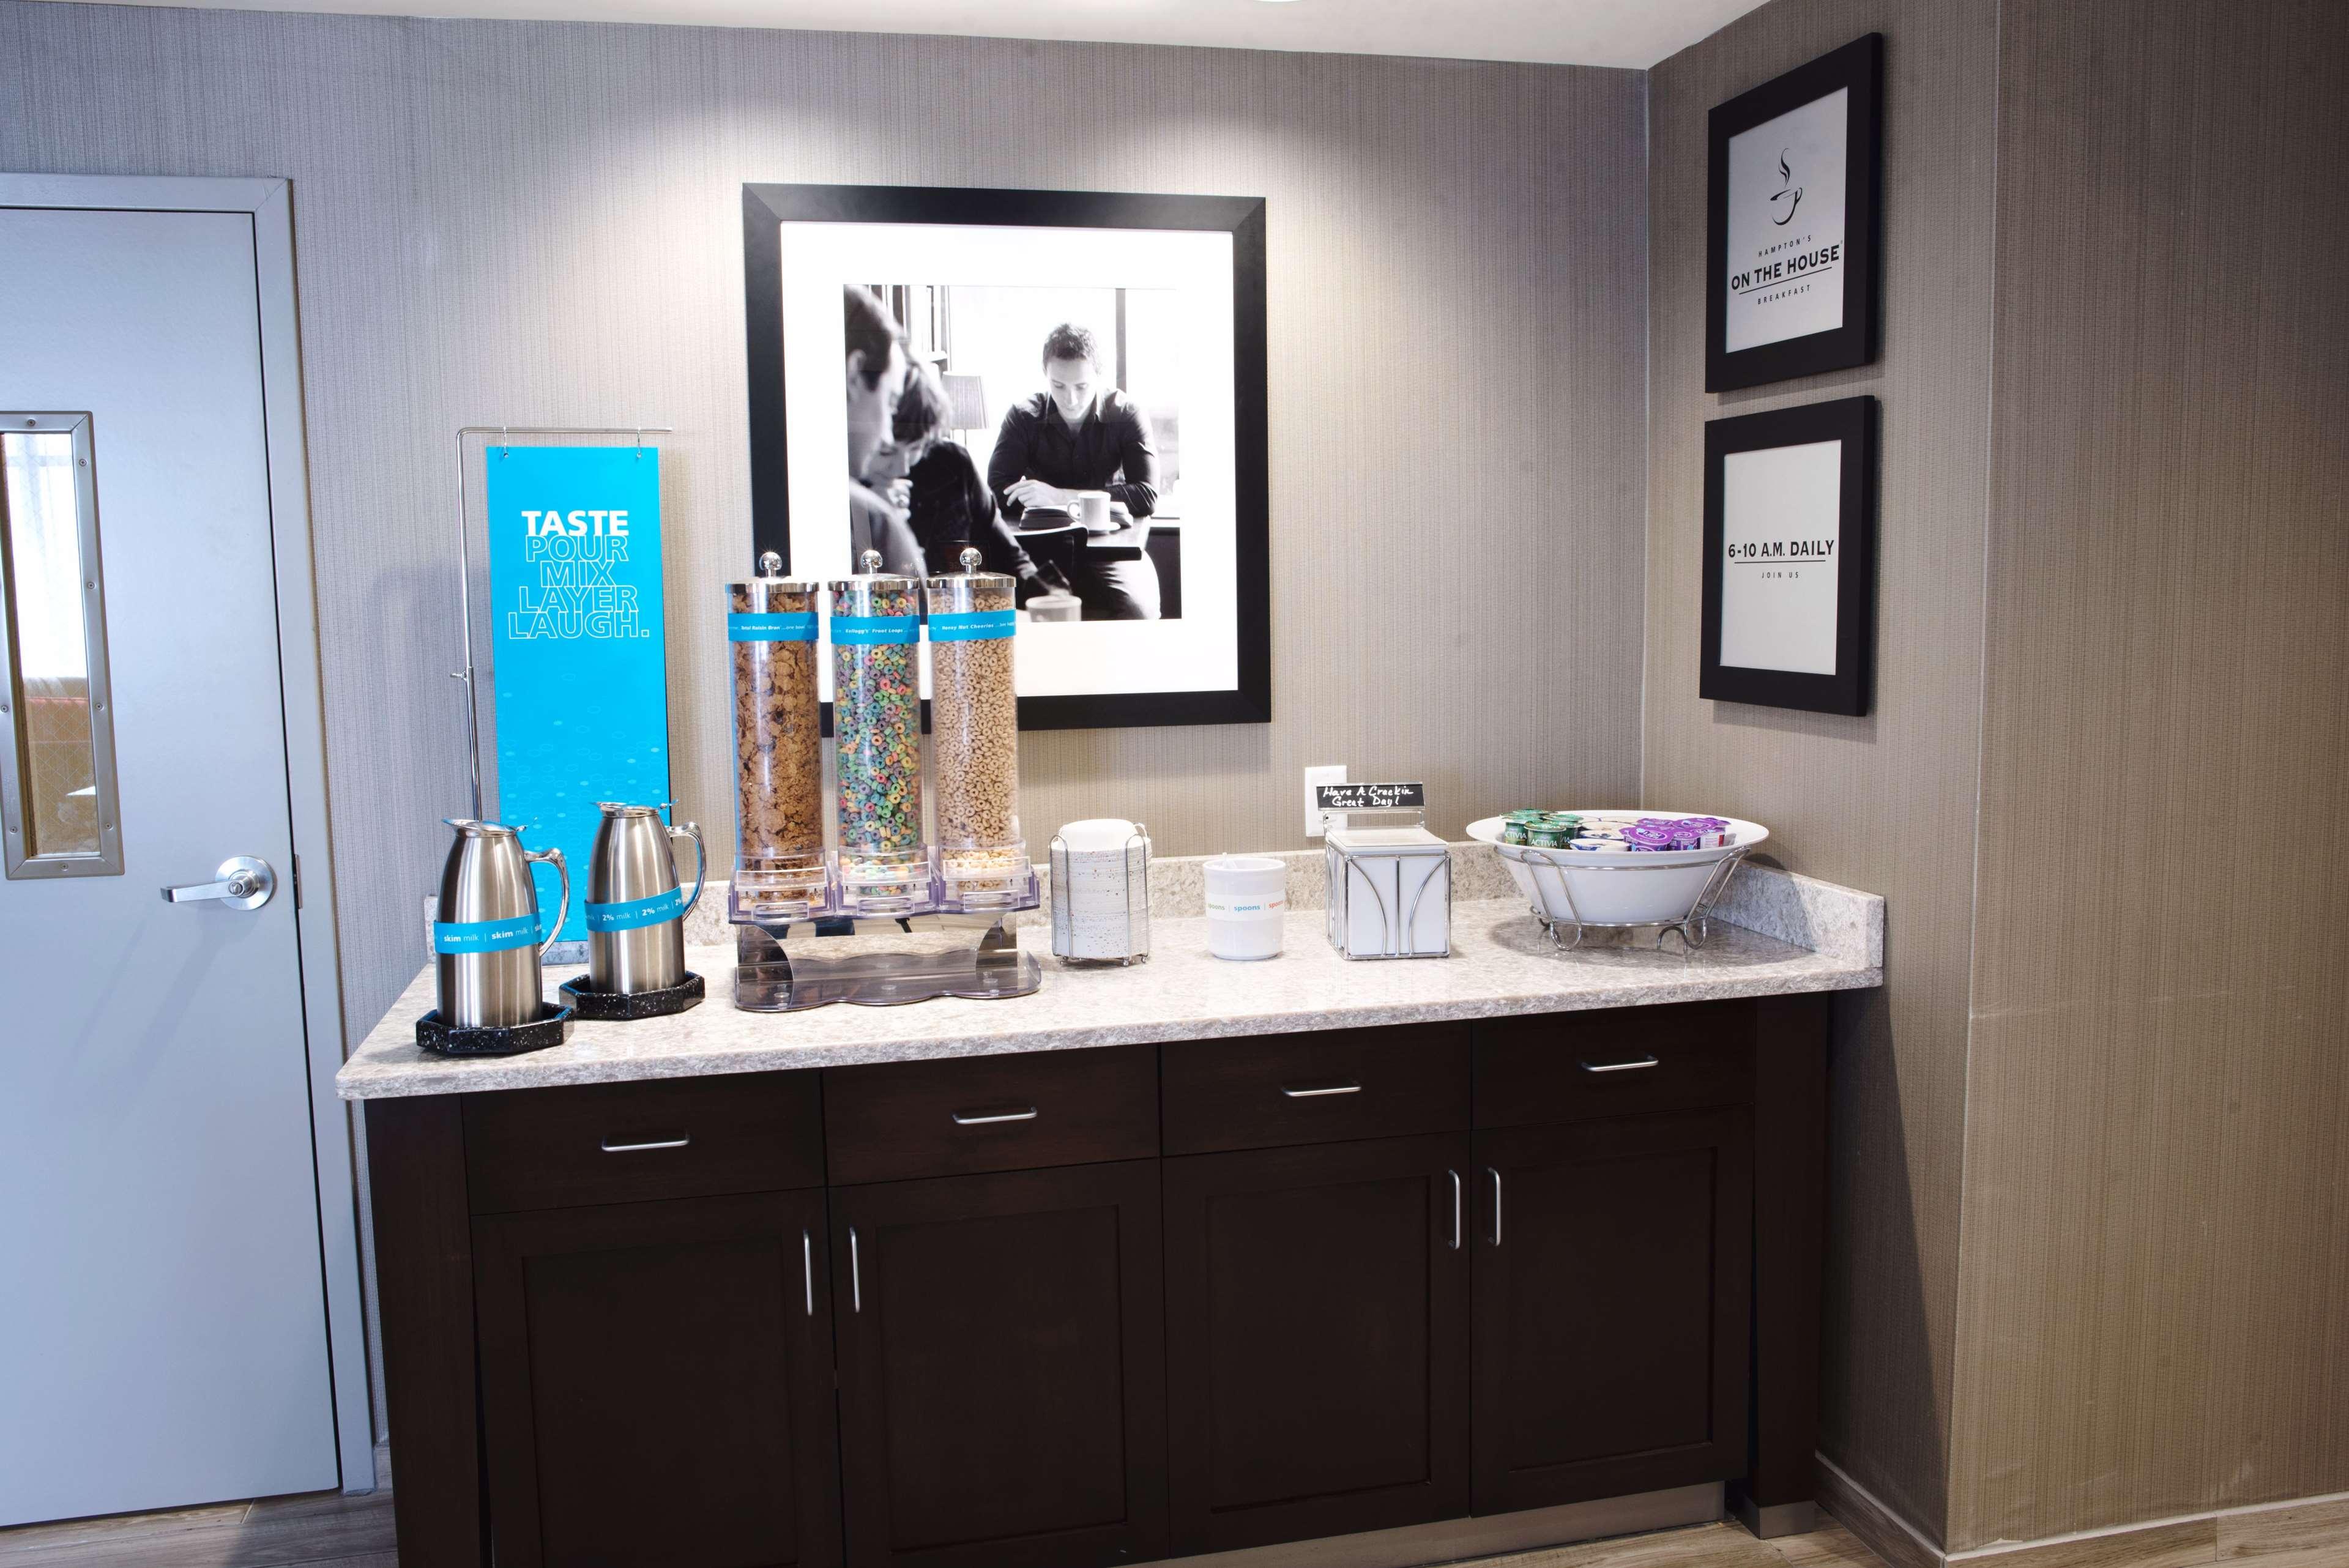 Hampton Inn & Suites Des Moines/Urbandale image 14